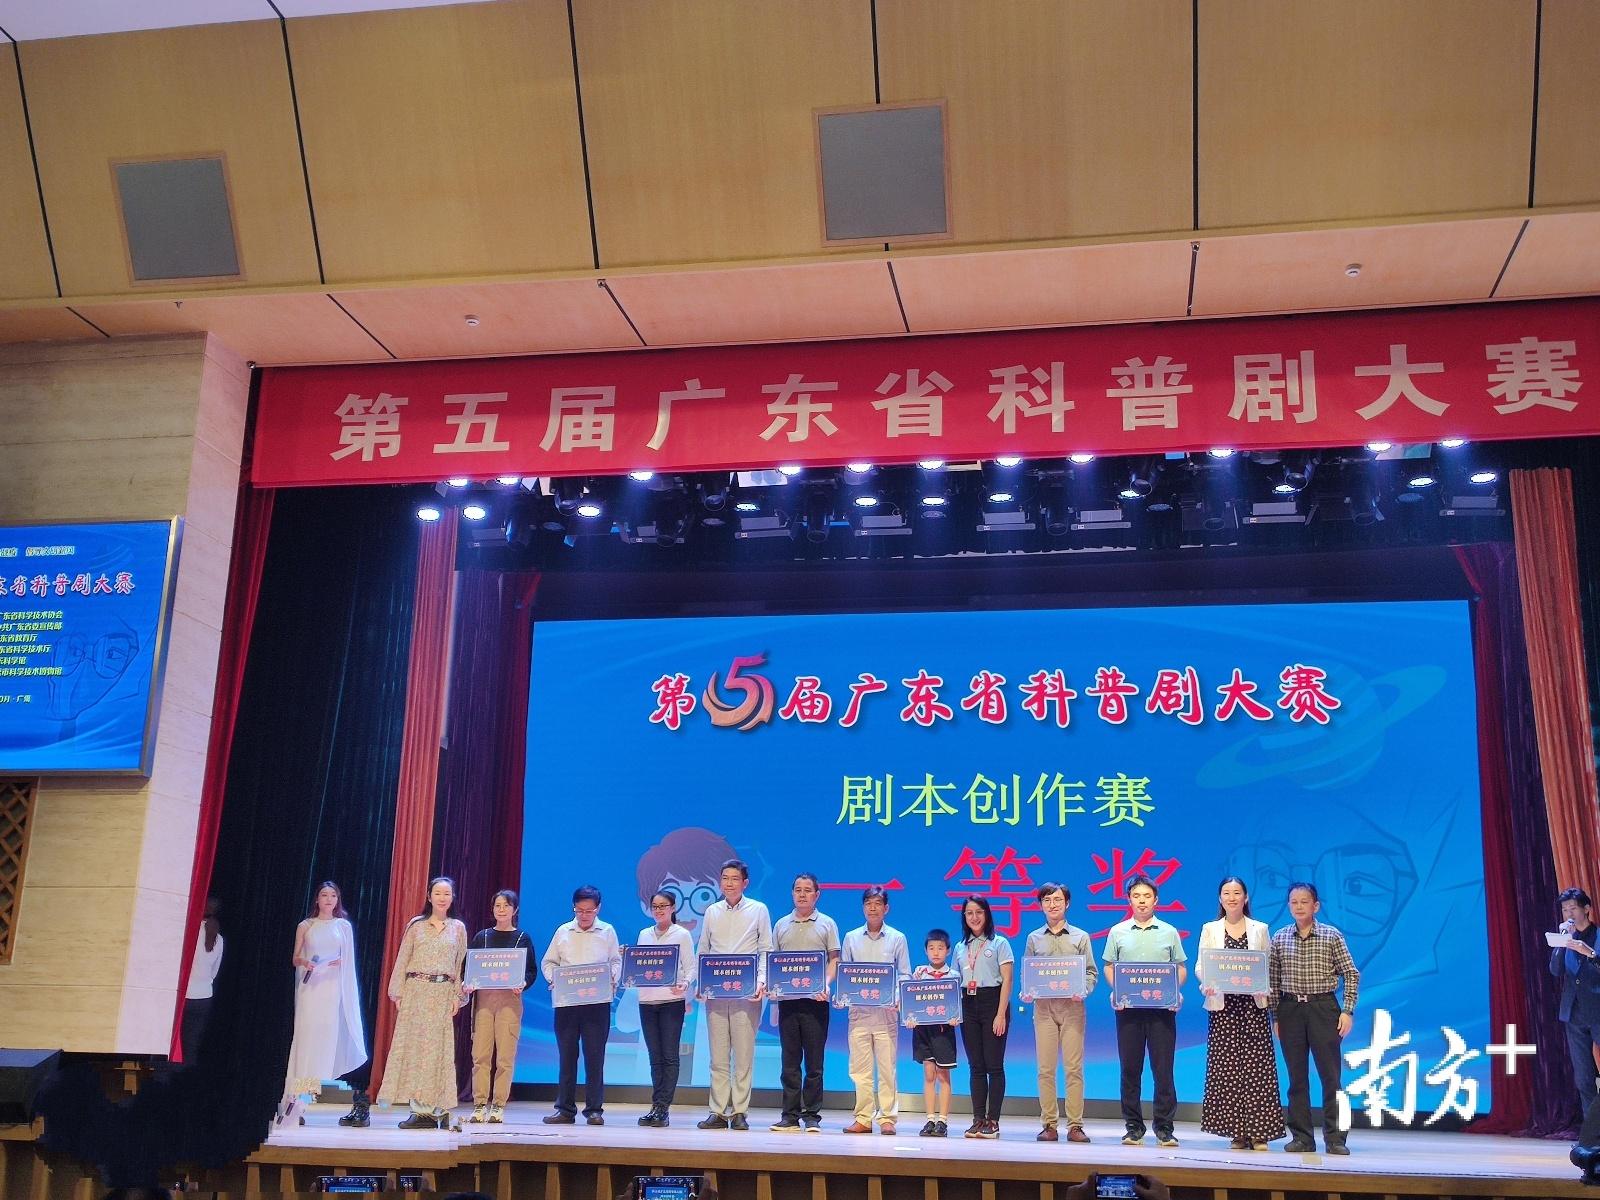 清城区获广东省科普剧大赛剧本创作一等奖